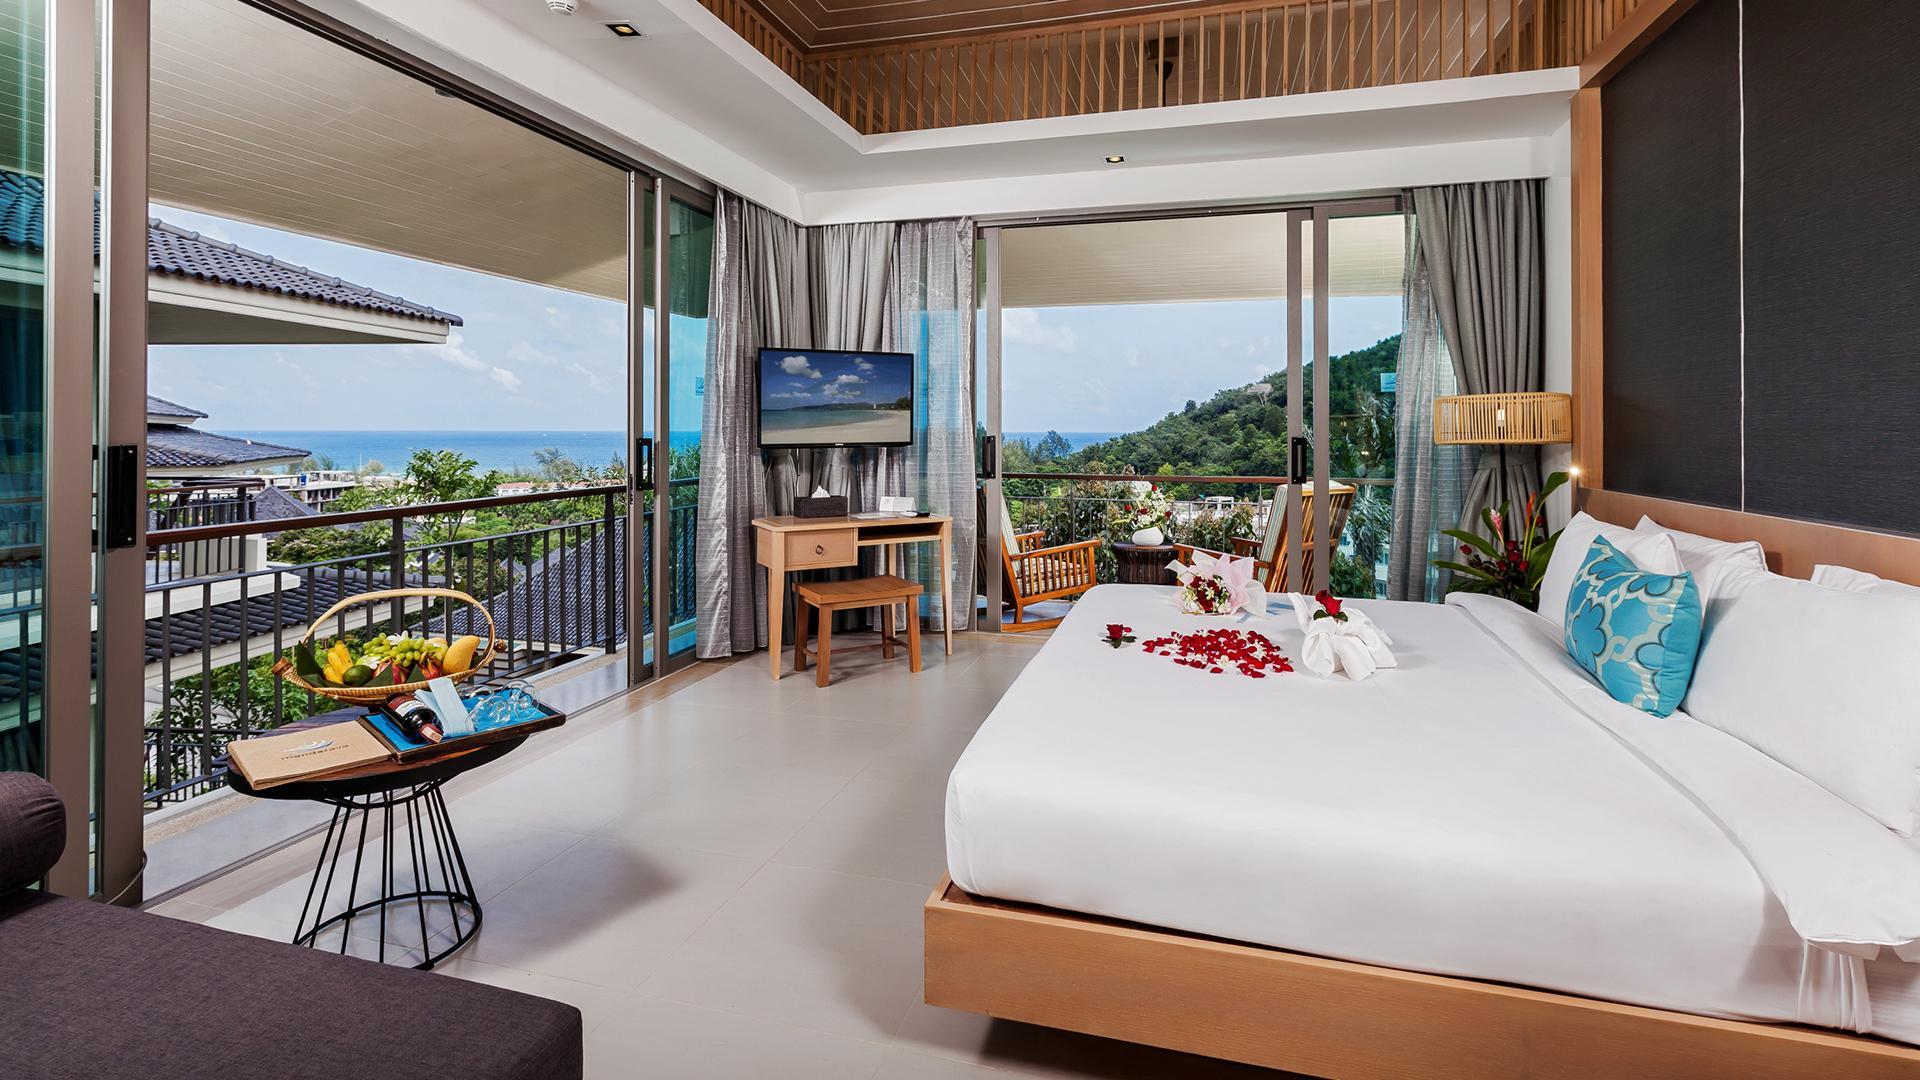 Panoramic Deluxe Room image 1 at Mandarava Resort and Spa Karon Beach by Amphoe Mueang Phuket, Chang Wat Phuket, Thailand